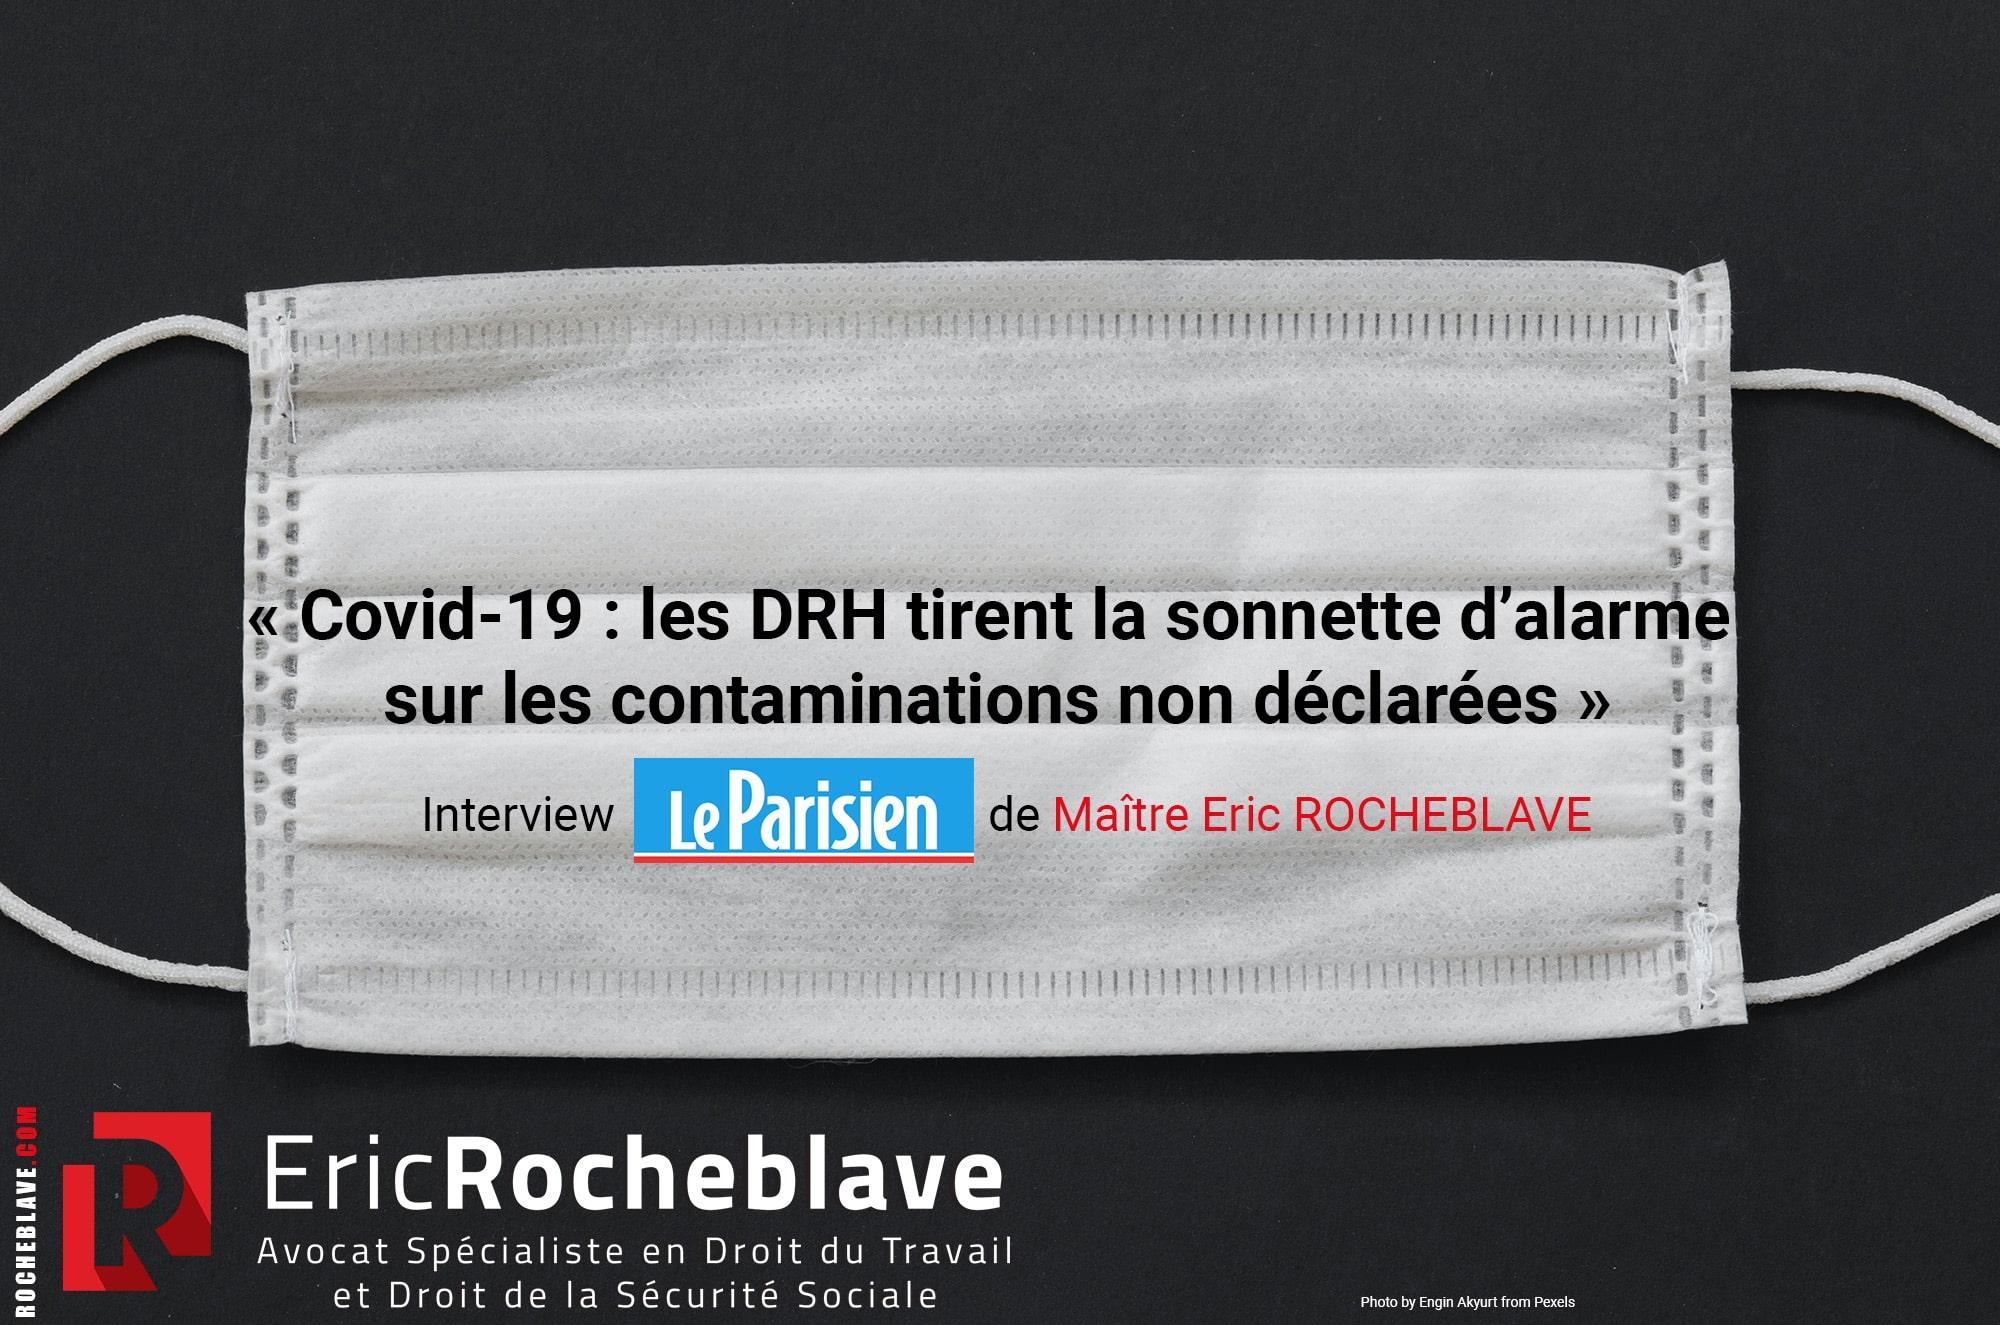 « Covid-19 : les DRH tirent la sonnette d'alarme sur les contaminations non déclarées » Interview Le Parisien de Maître Eric ROCHEBLAVE